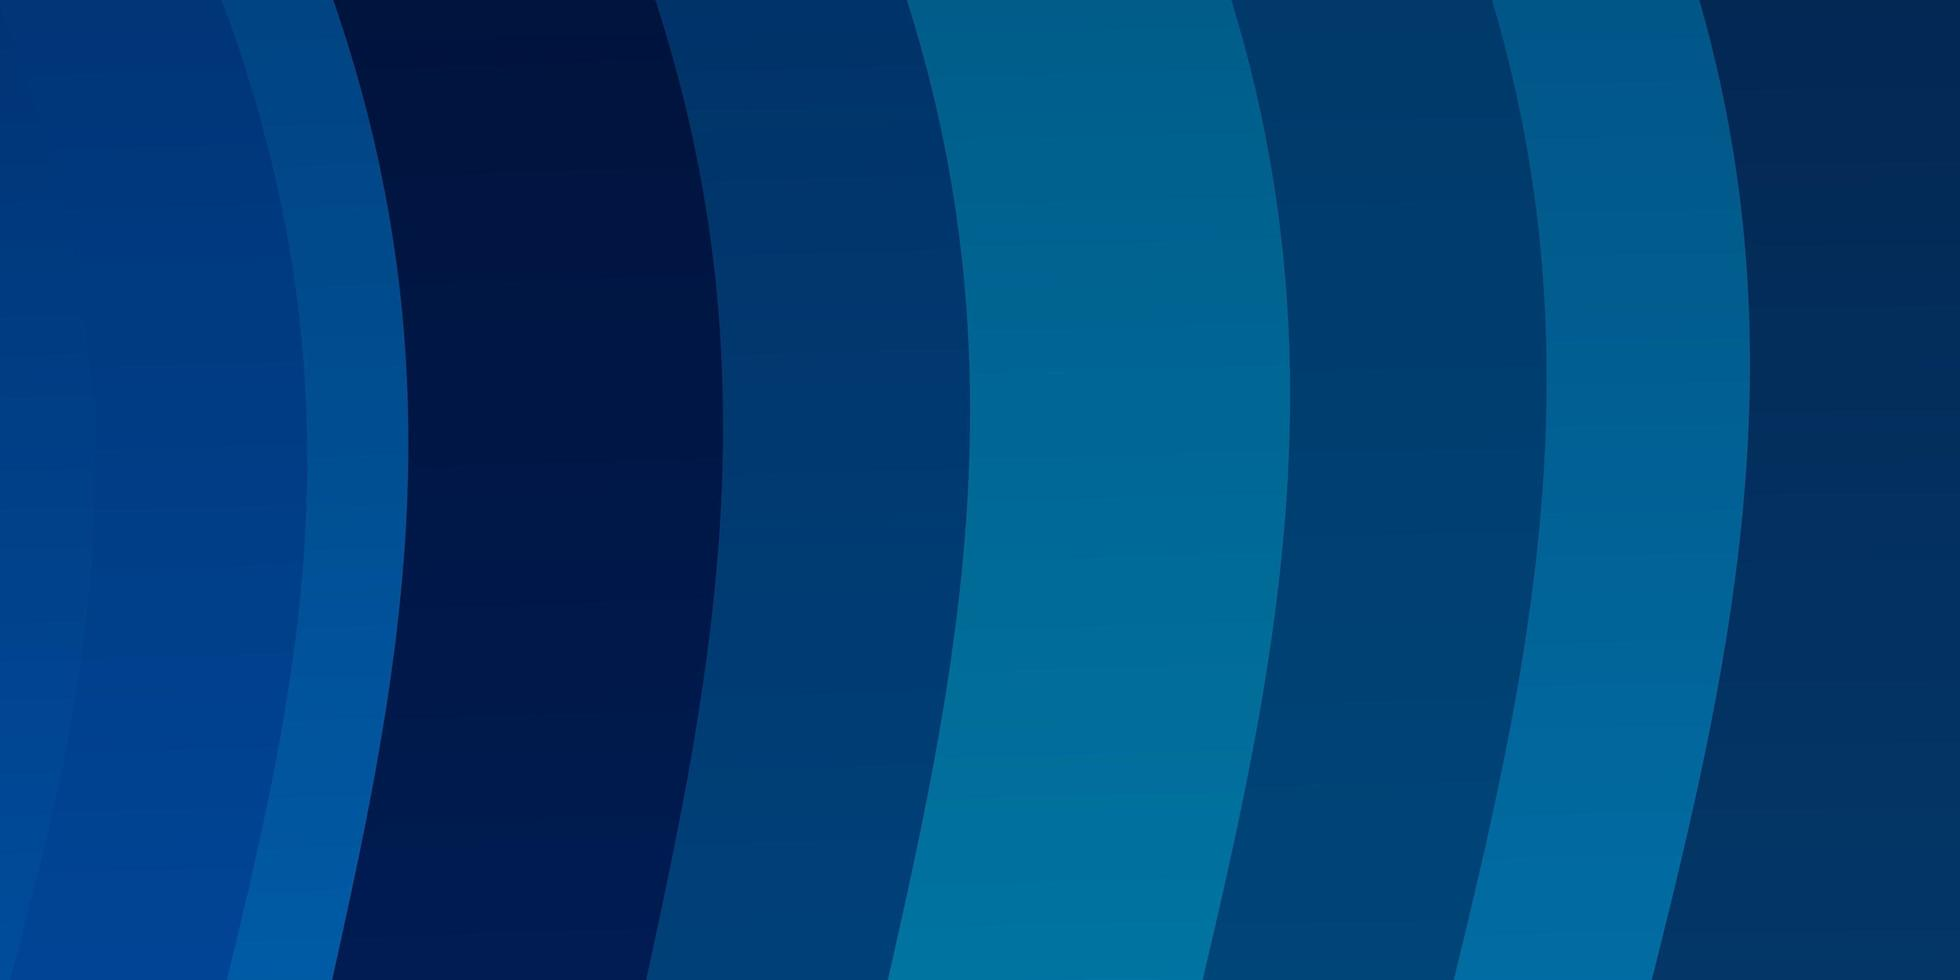 lichtblauw vectorpatroon met krommen. vector